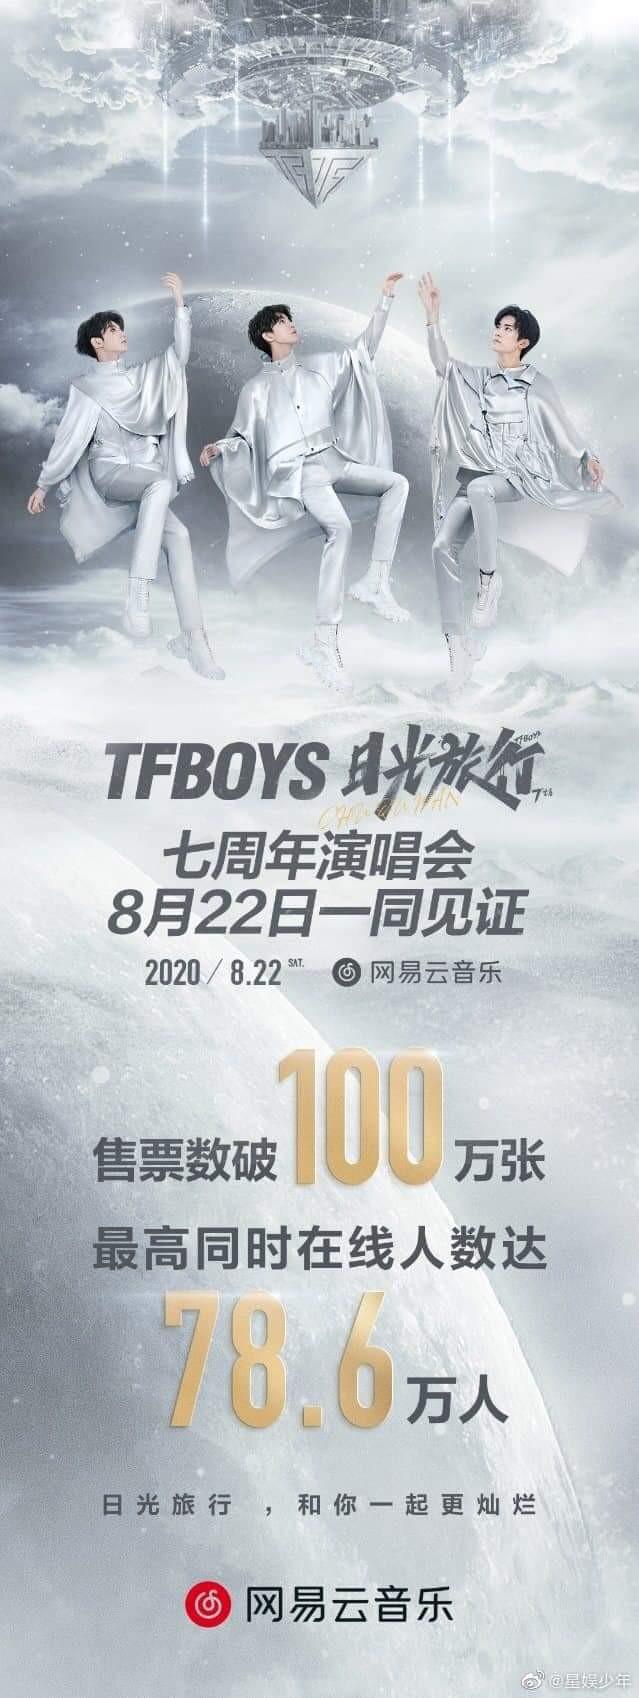 TFBOYS vượt qua BTS, lập kỉ lục Guinness mới về số lượng người xem concert online ảnh 1